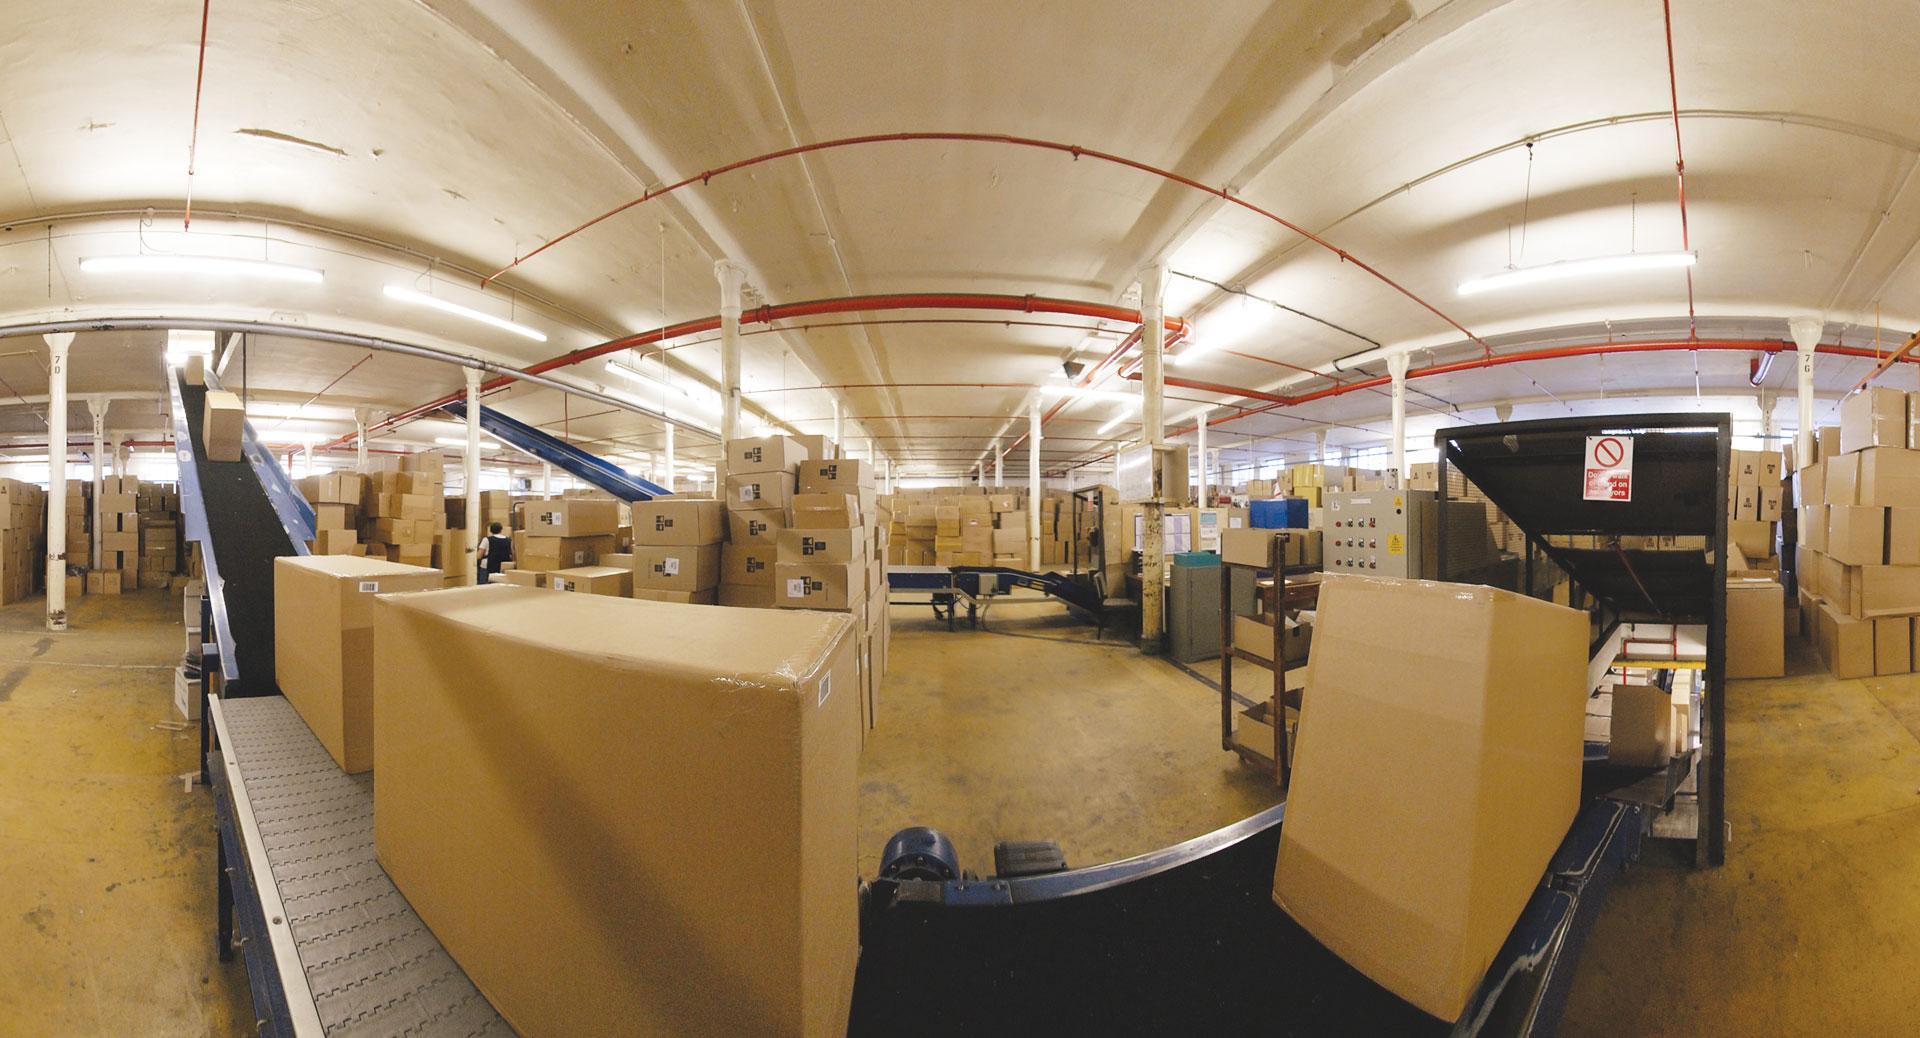 floor to floor conveyor